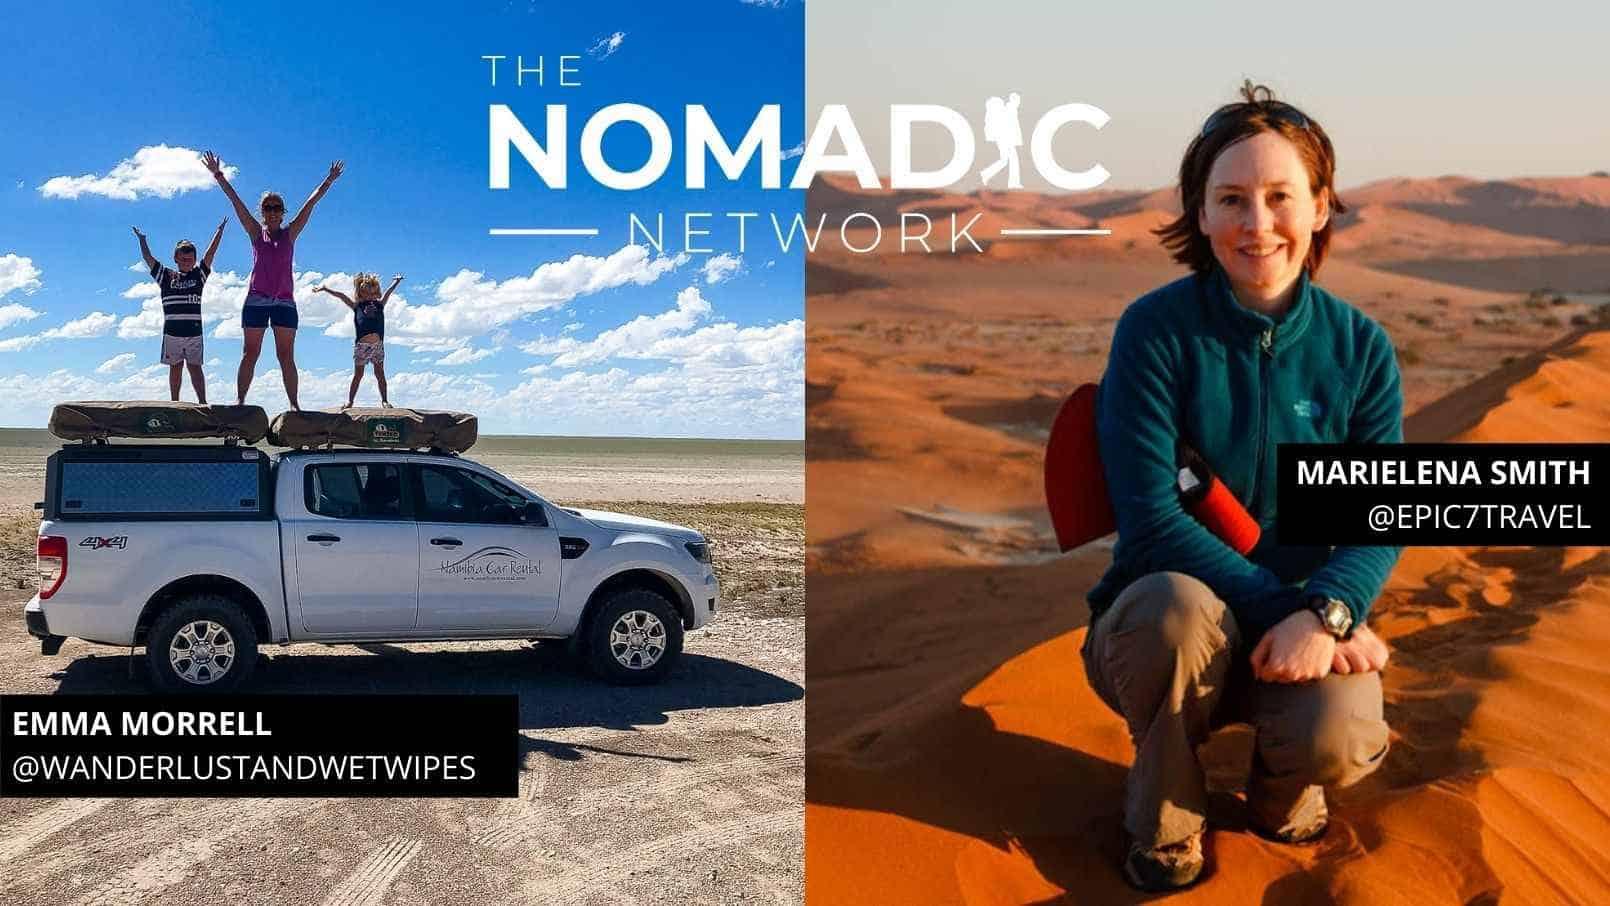 Travelers posing in Namibia